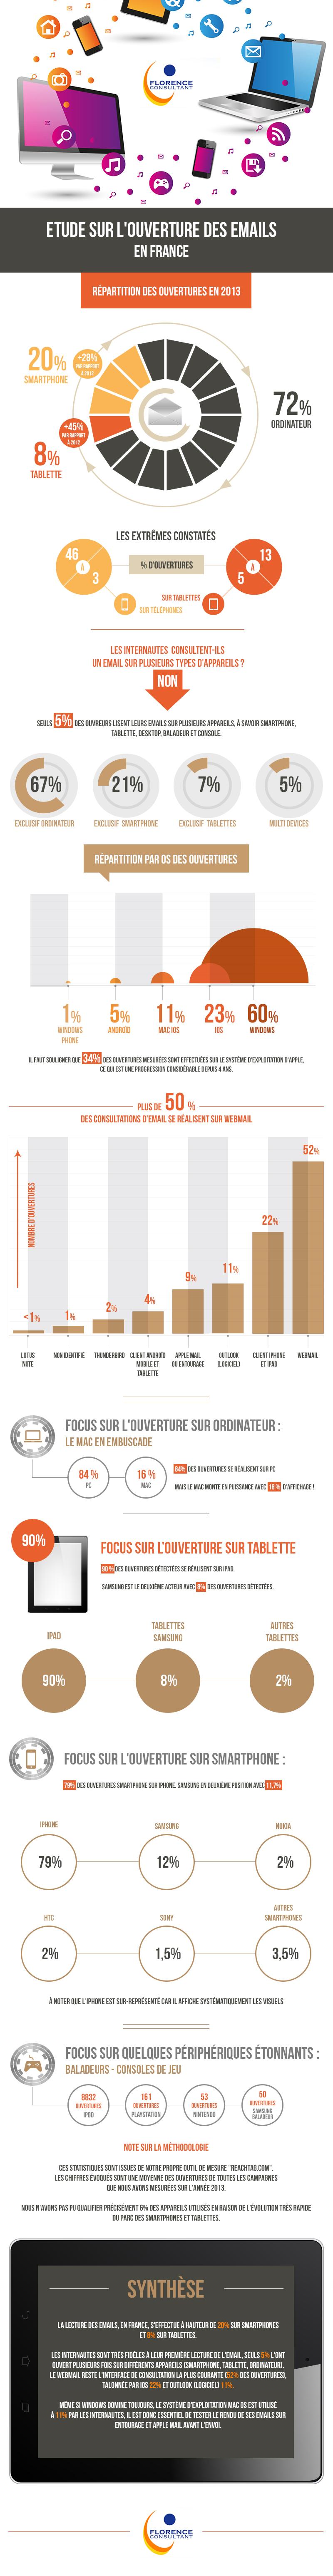 Infographie sur l'ouverture des e-mails en France